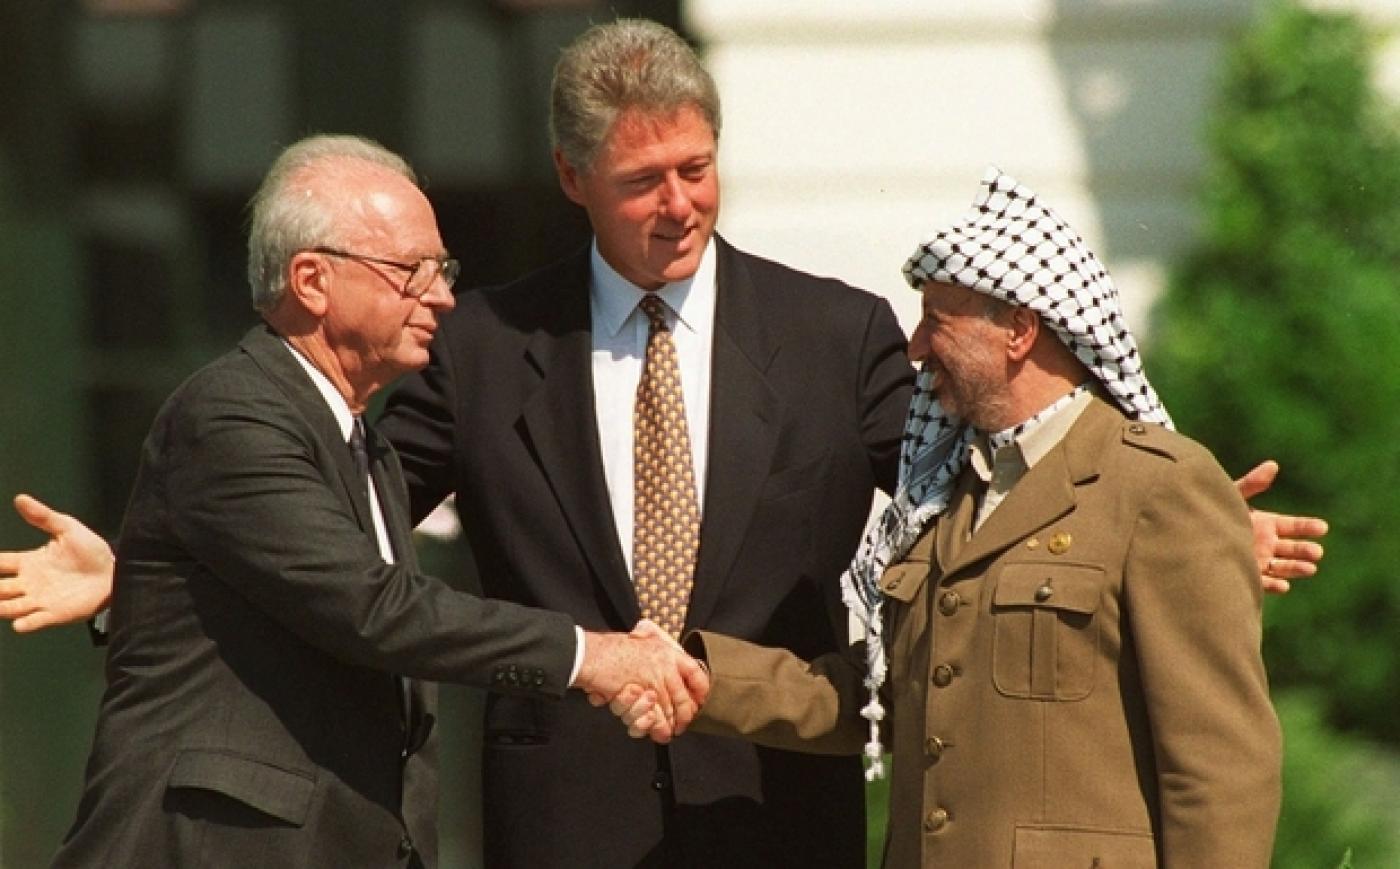 Le président américain Bill Clinton (centre), le Premier ministre israélien Yitzhak Rabin et le président de l'OLP Yasser Arafat signent le 1er accord d'Oslo à Washington le 13 septembre 1993 (AP)